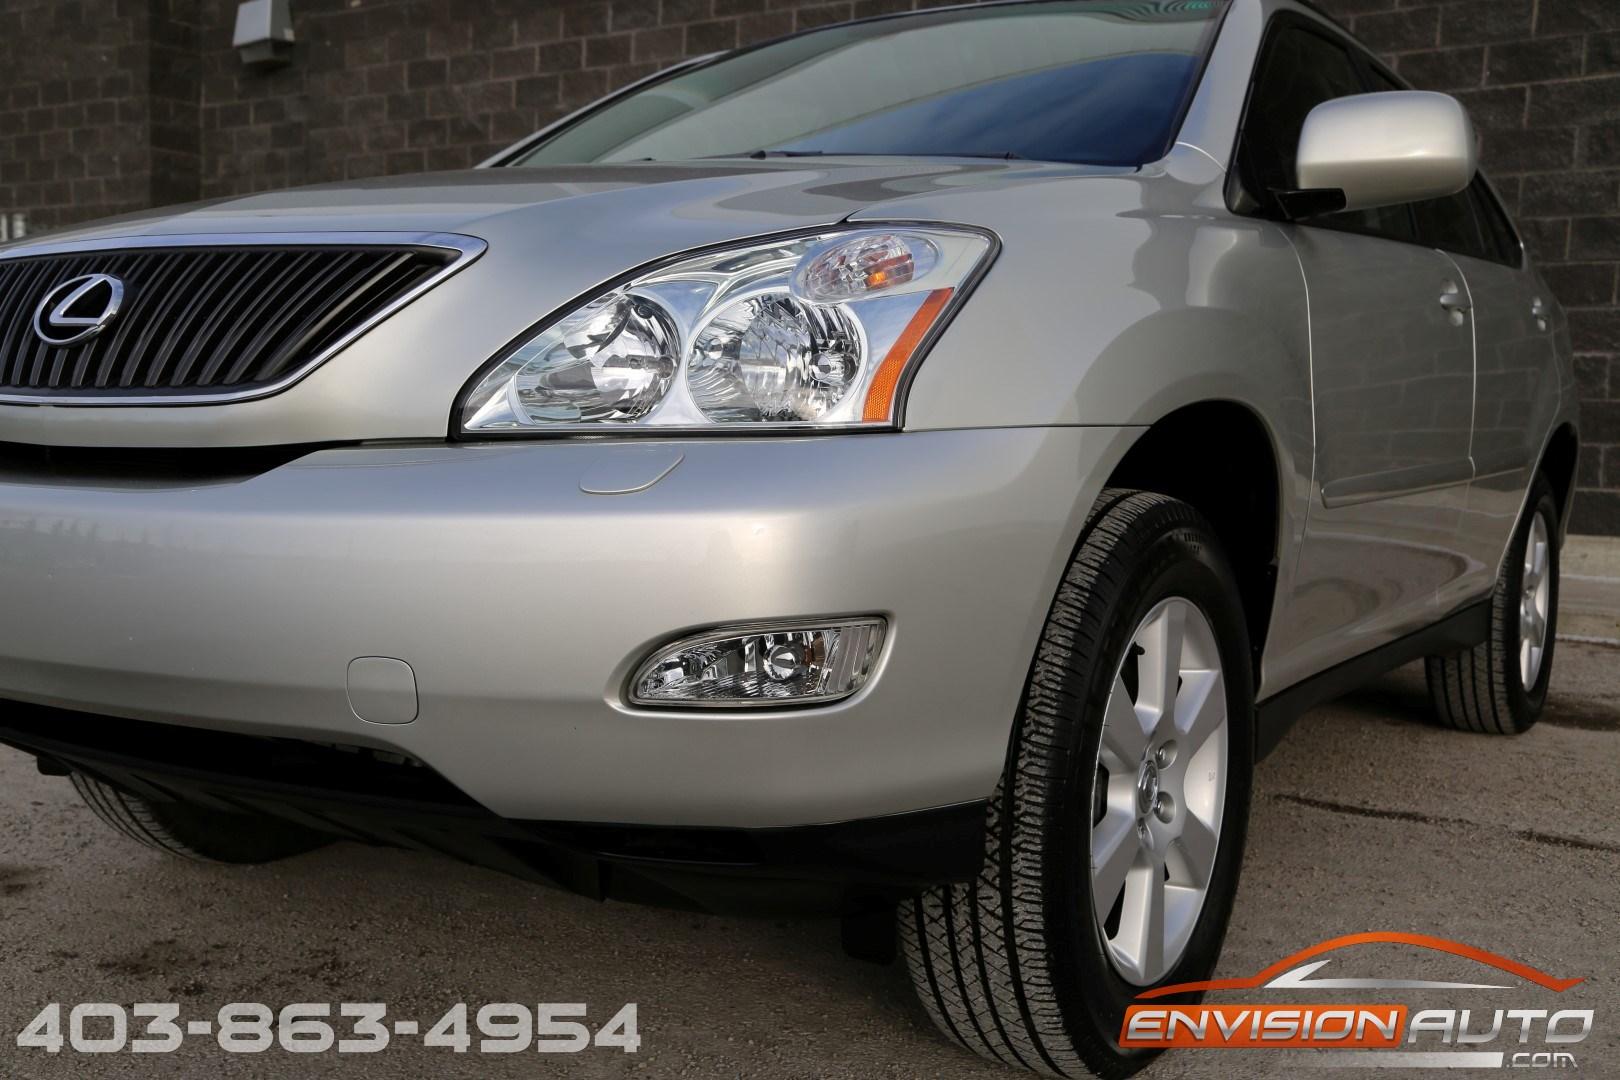 2005 Gmc Sierra 2500Hd >> 2005 Lexus RX330 AWD Premium - Envision Auto